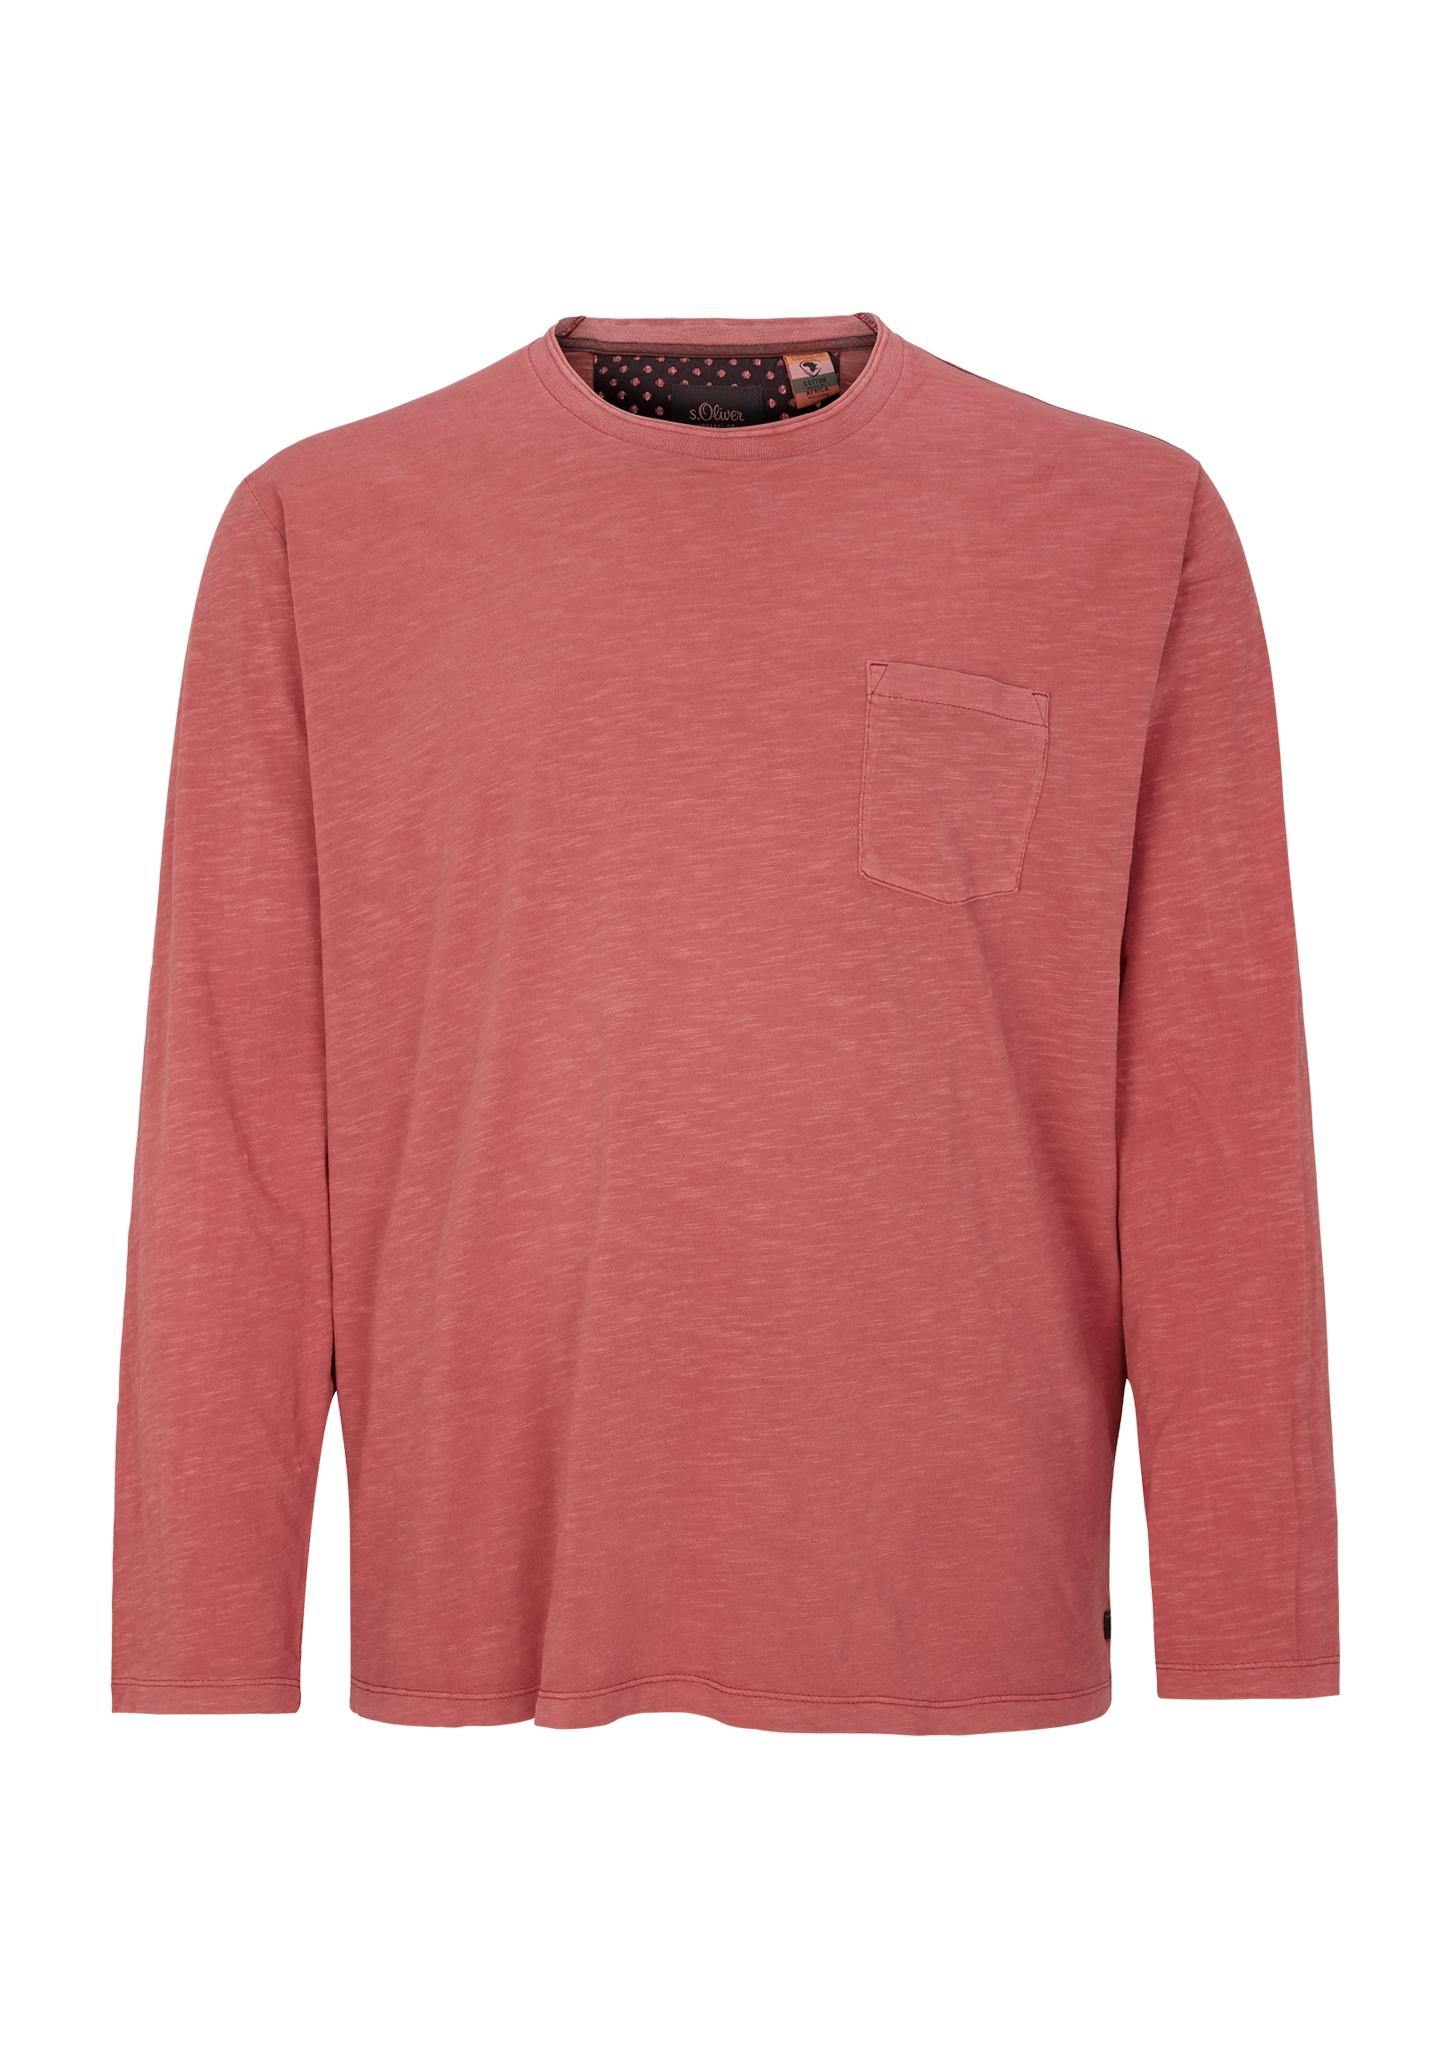 Langarmshirt | Bekleidung > Shirts > Langarm Shirts | Rot | 100% baumwolle | s.Oliver Men Big Sizes